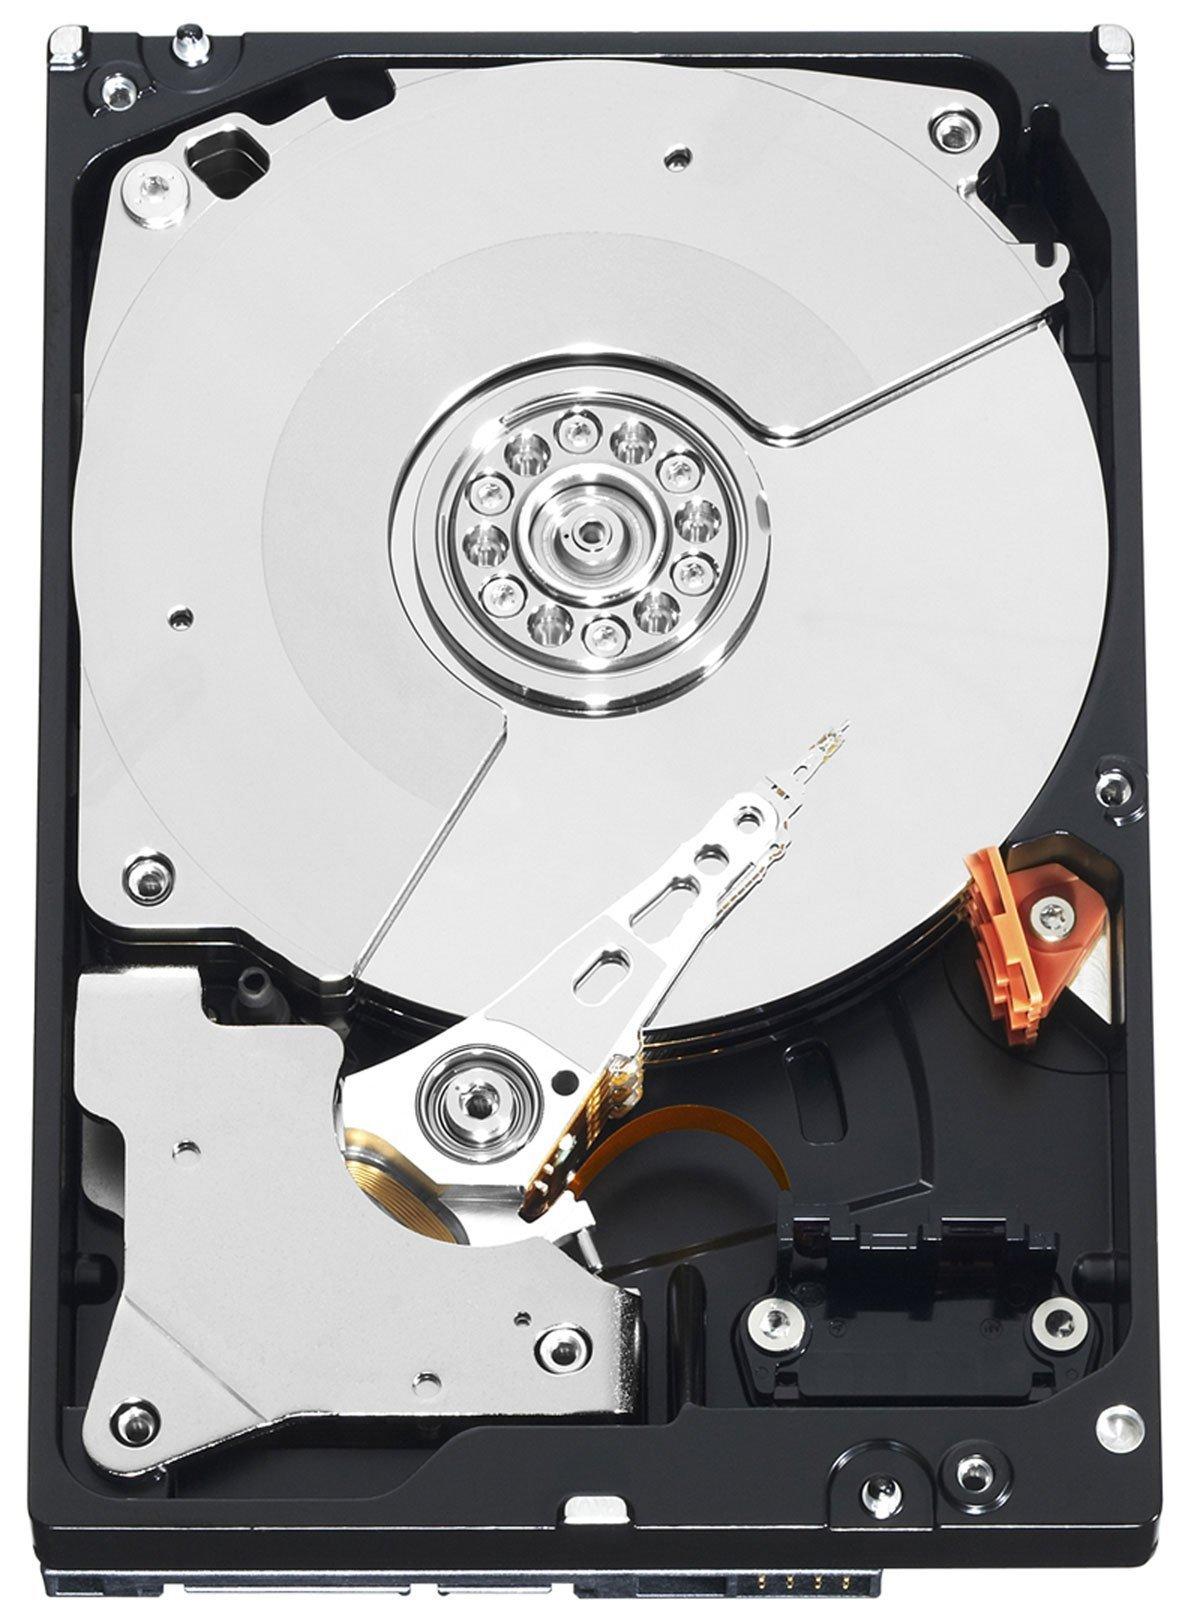 western-digital-caviar-black-1tb-sataii-32mb-cache-dual-processor-internal-hard-drive-oem